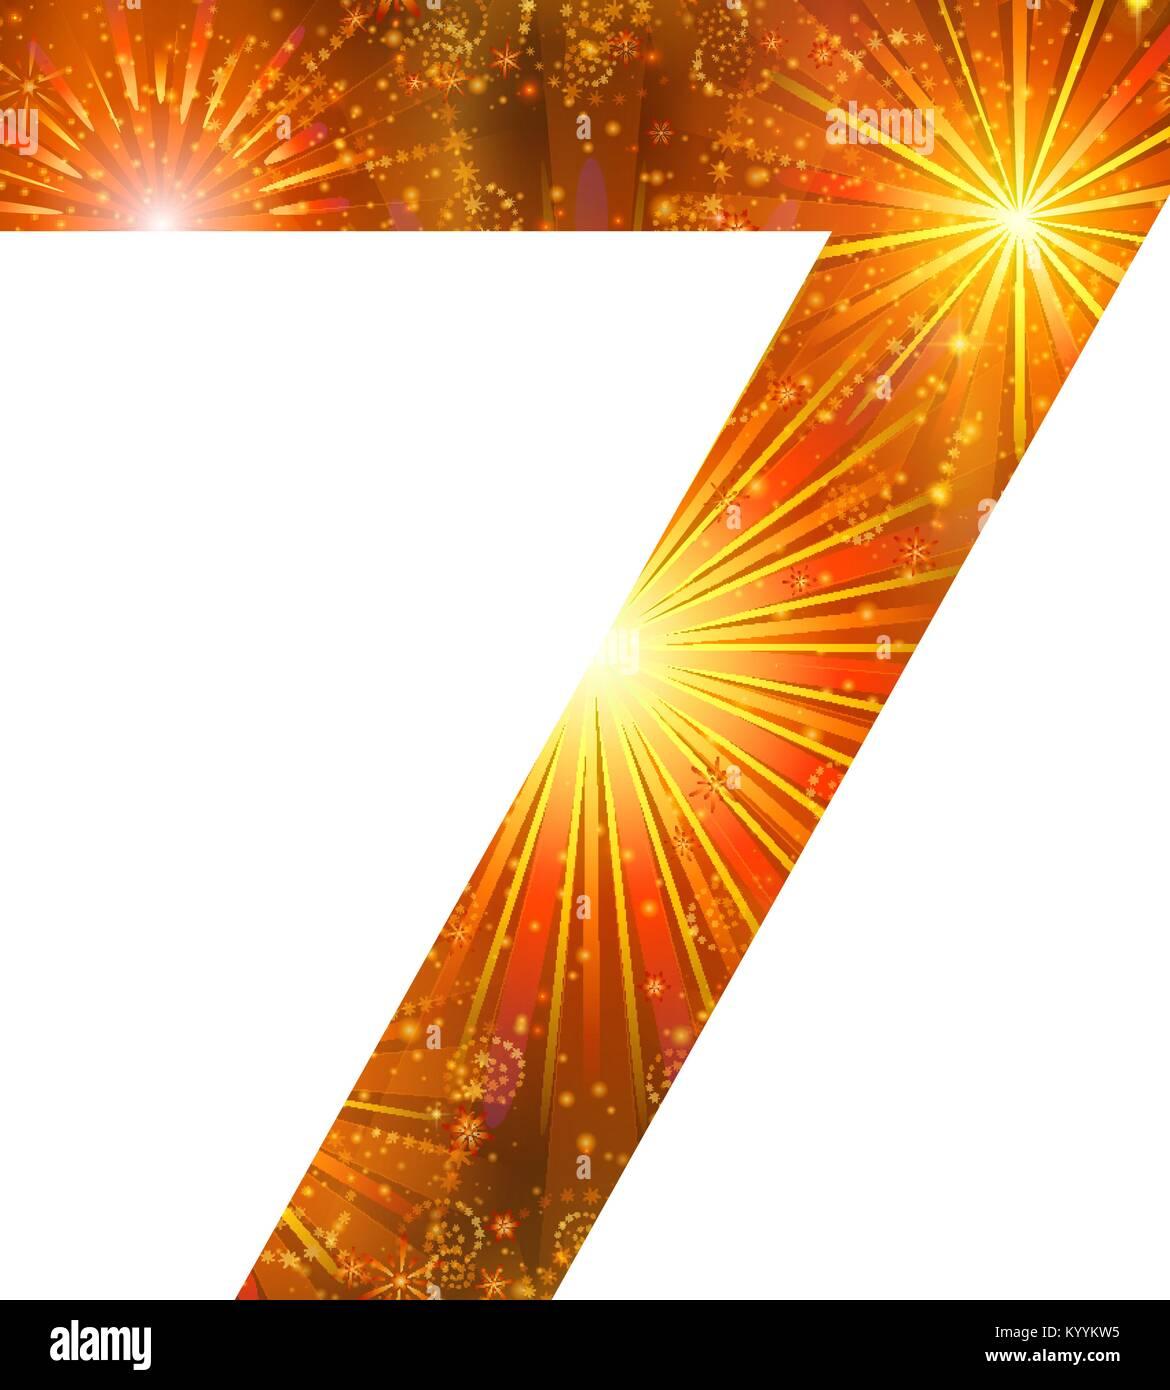 Number of orange firework, seven - Stock Image